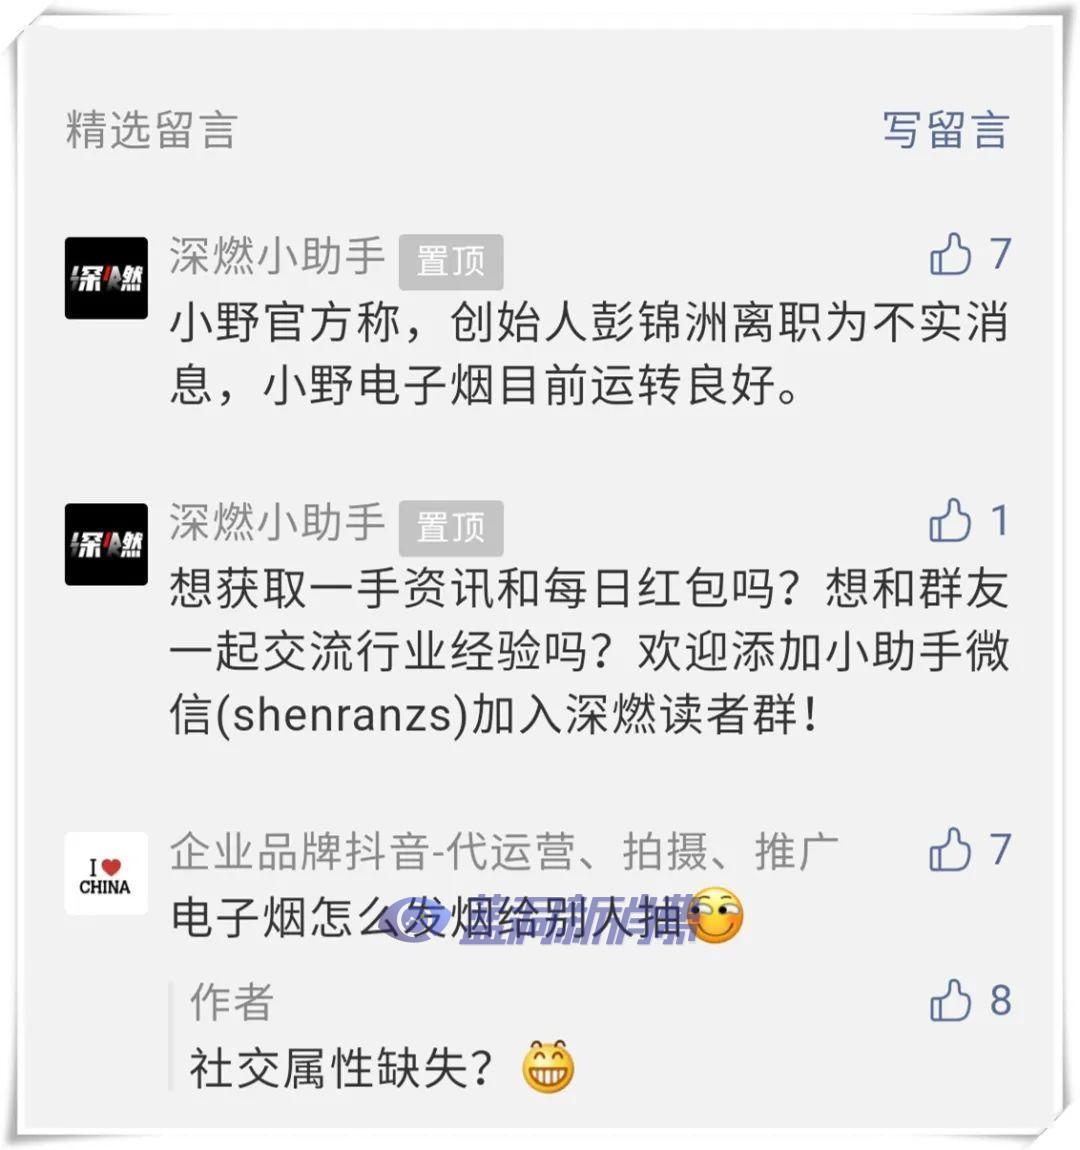 小野官方称,创始人彭锦洲离职为不实消息